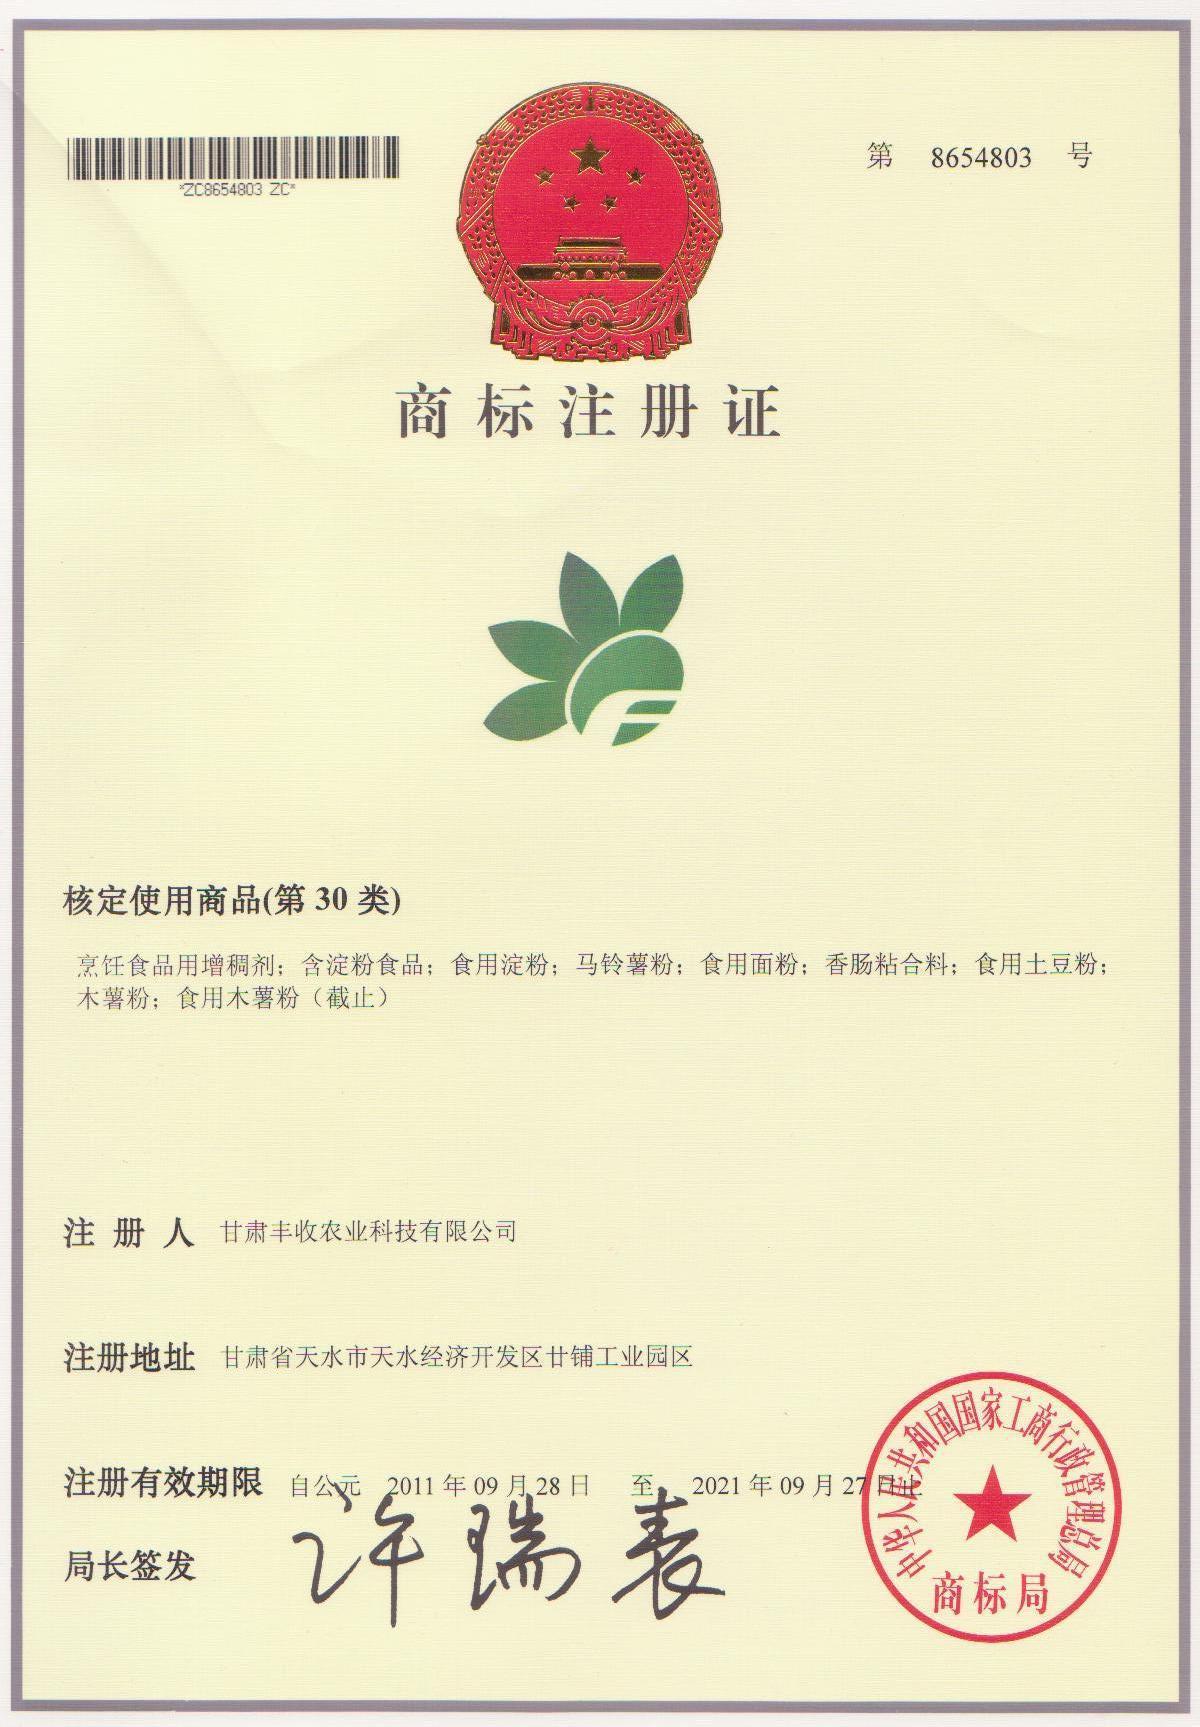 丰收农业商标注册证